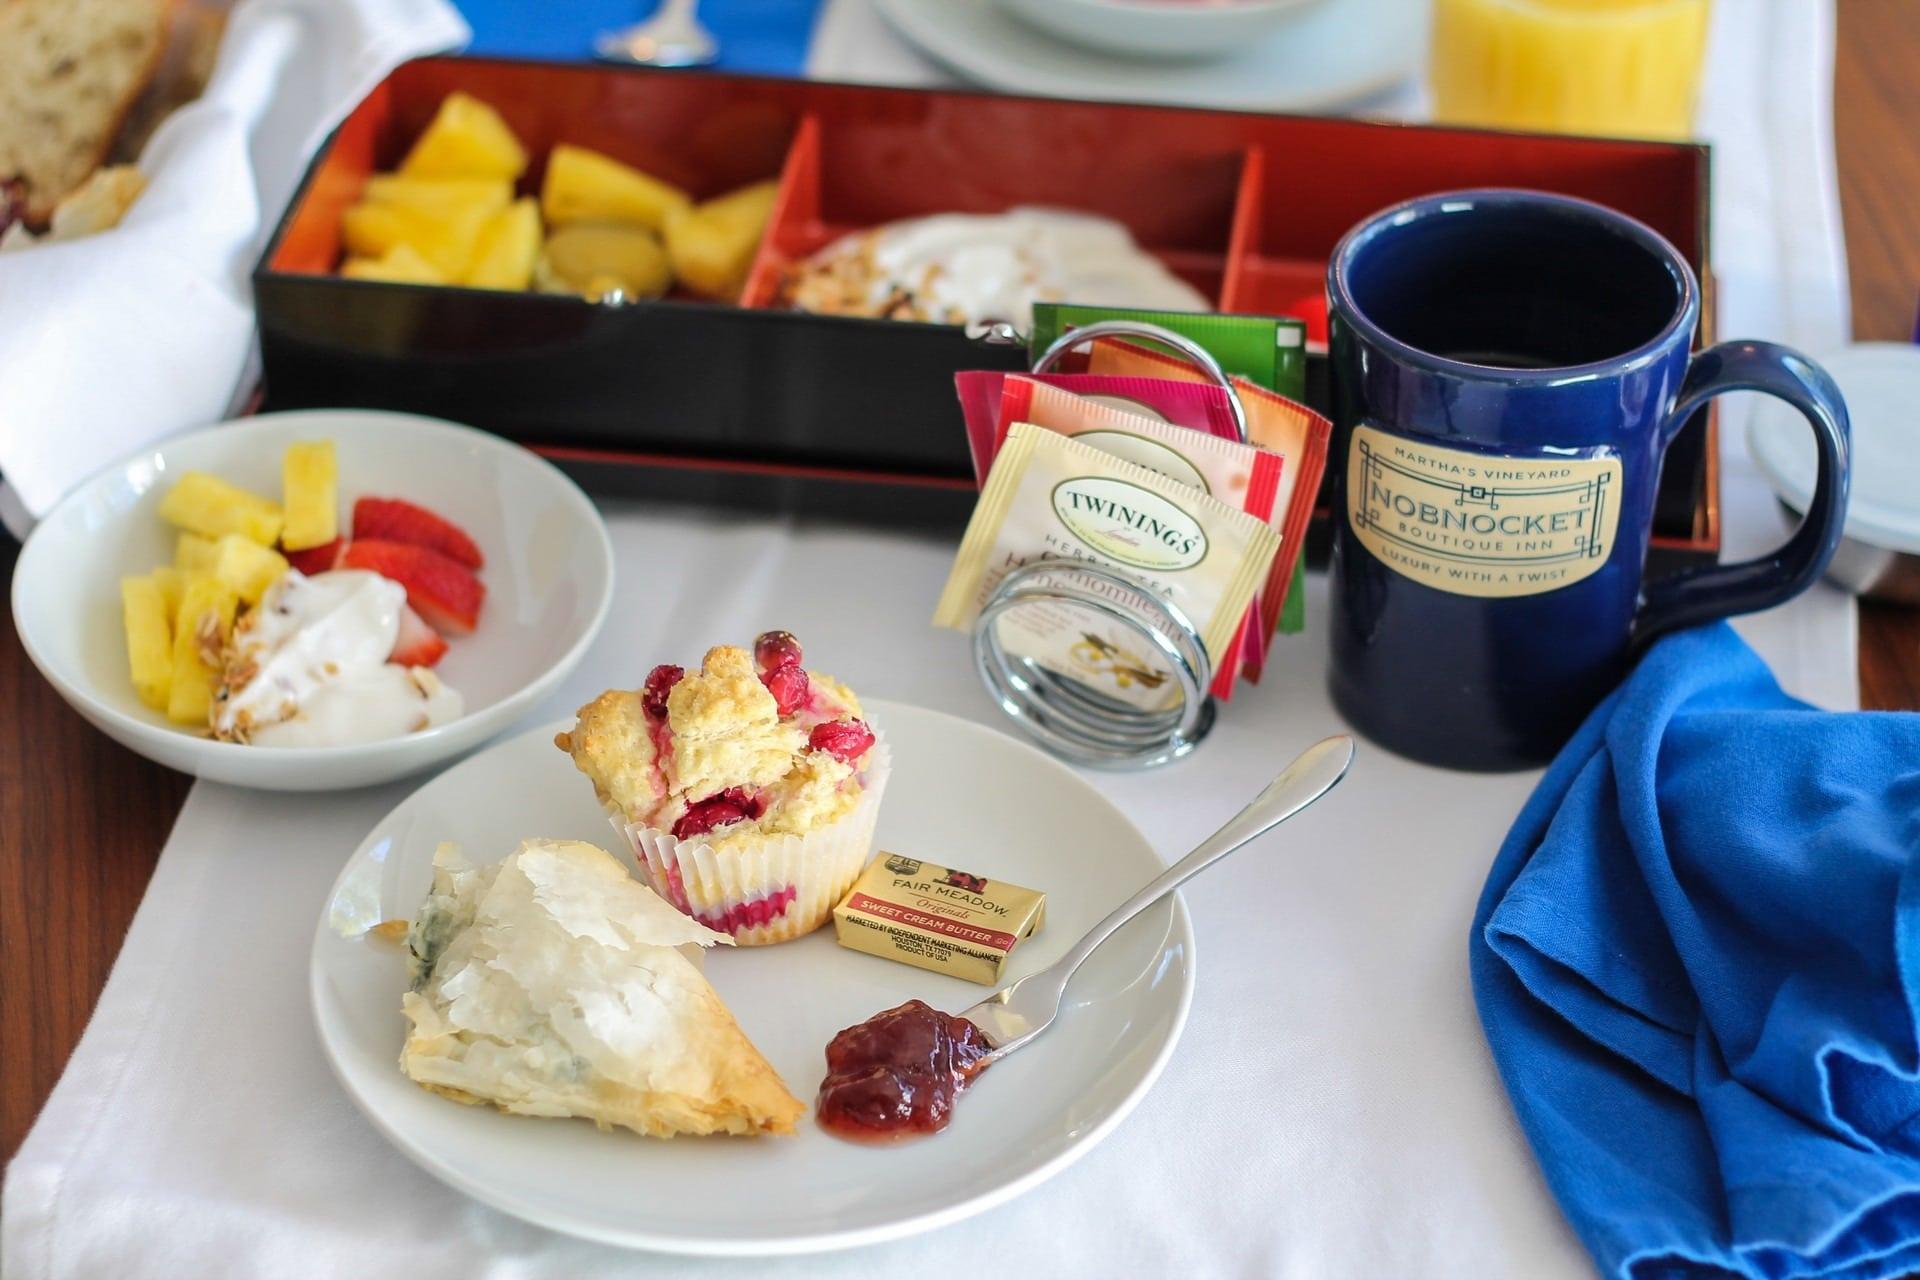 Nobnocket Breakfast-15_small - Simon Hunton